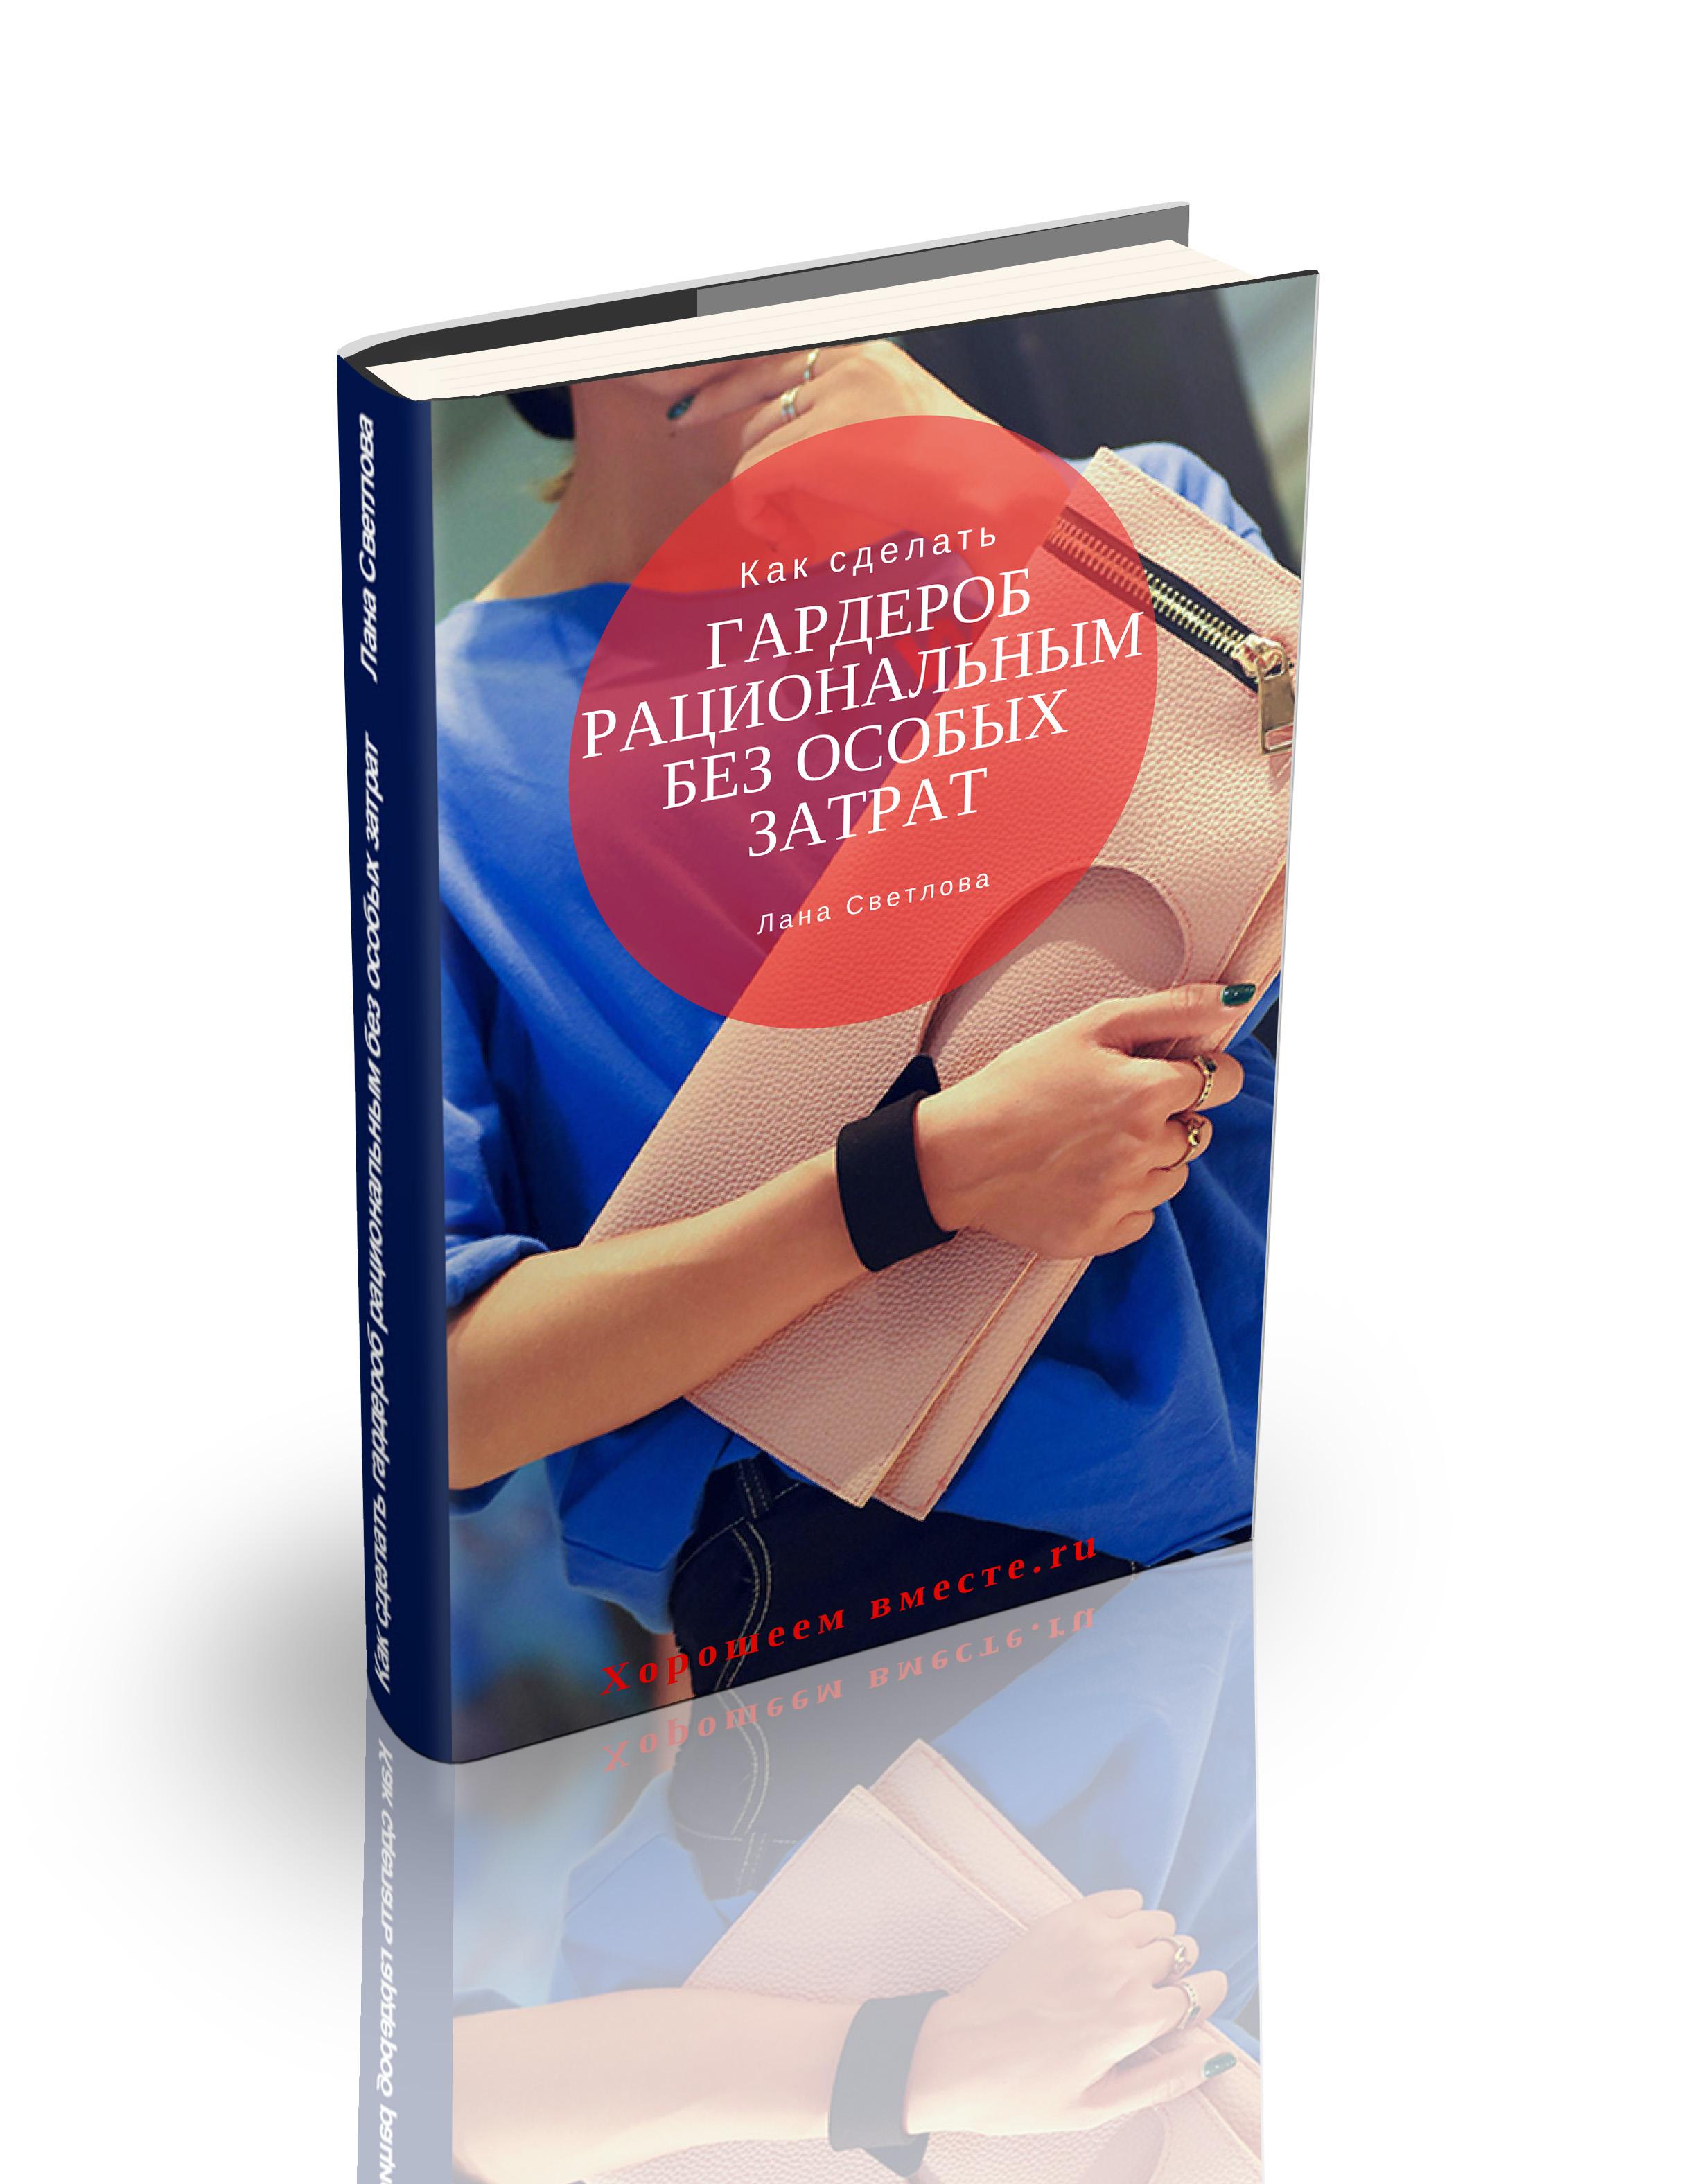 Электронная книга Как сделать гардероб рациональным без особых затрат.